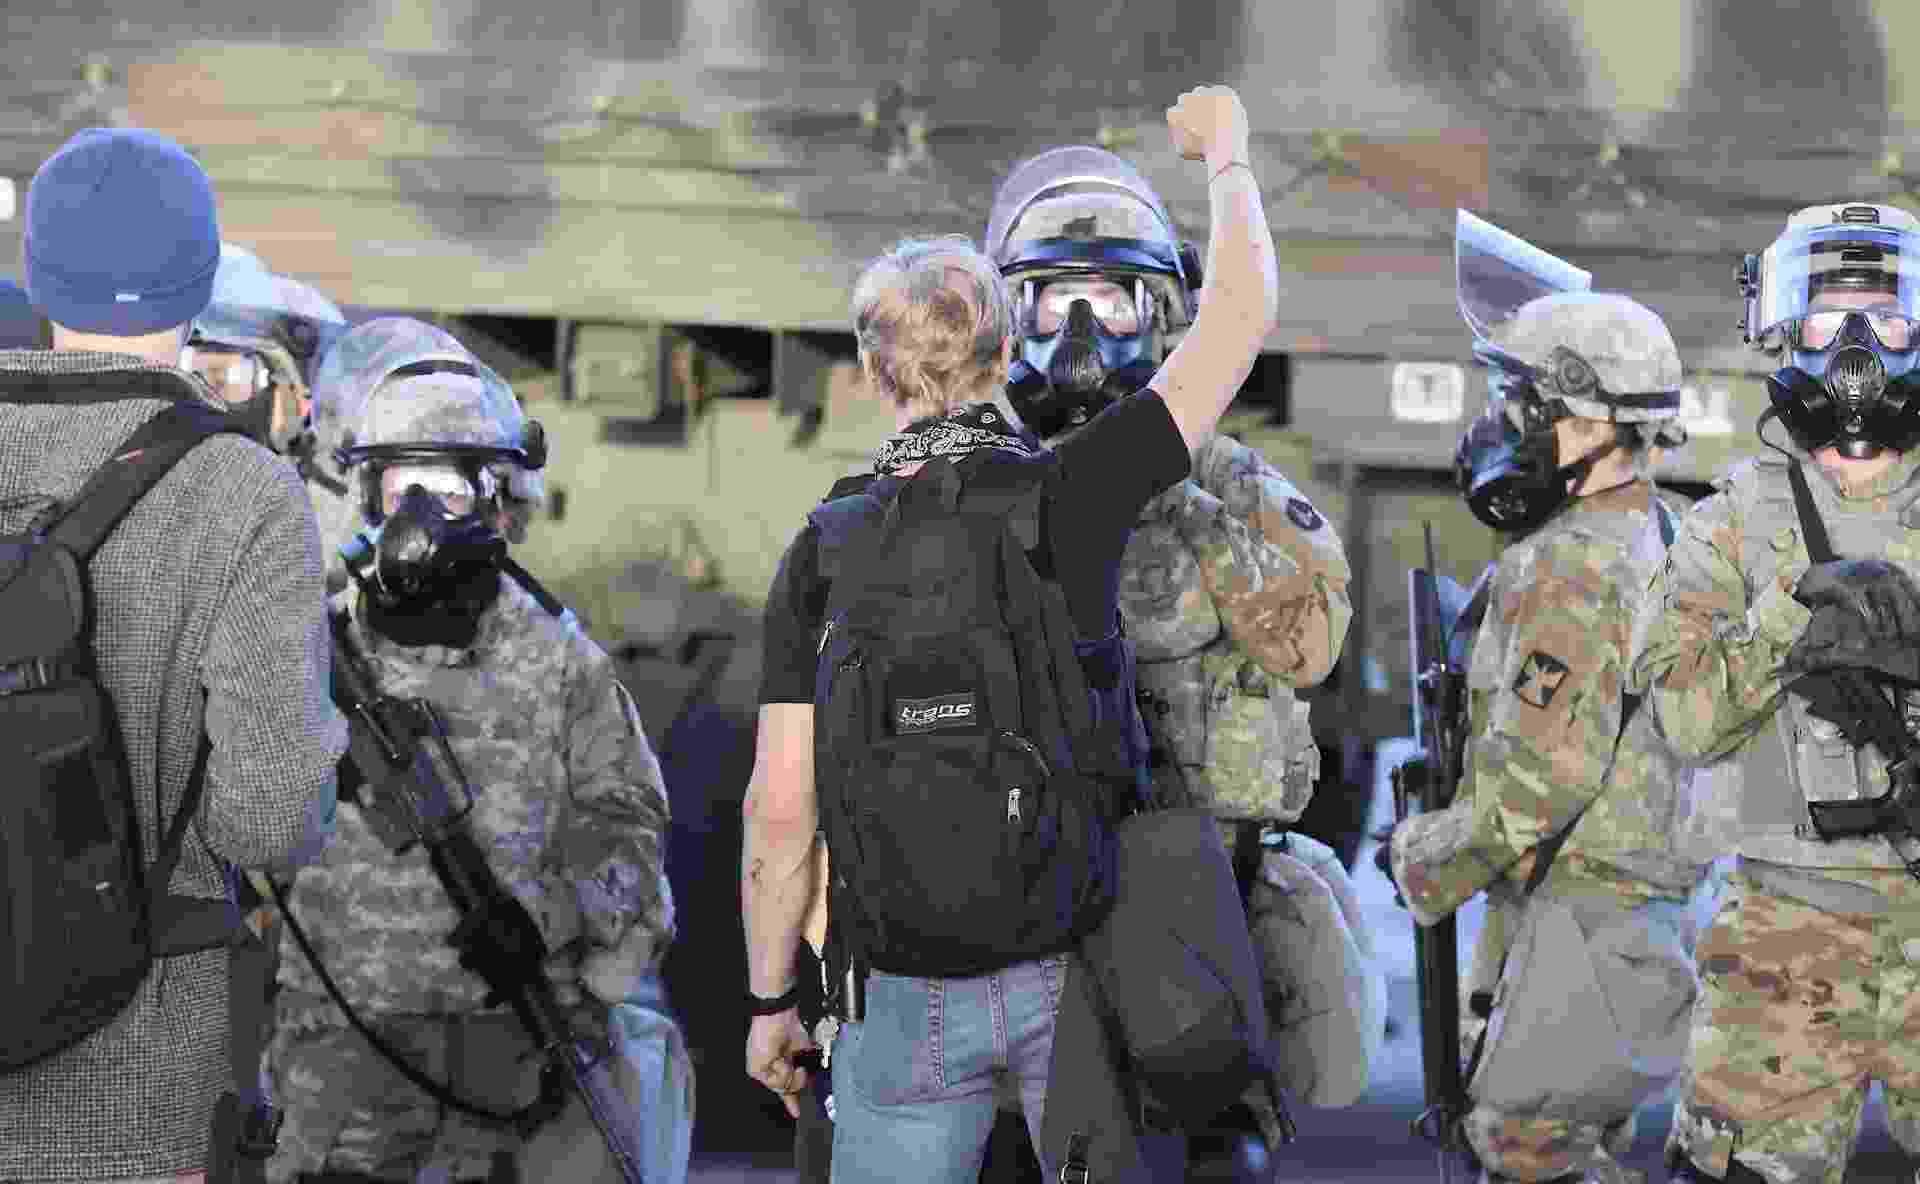 29.mai.2020 - Manifestante ergue o braço em frente a agentes da Guarda Nacional em Minneapolis no quarto dia de protestos pela morte de George Floyd - Tannen Maury/Efe